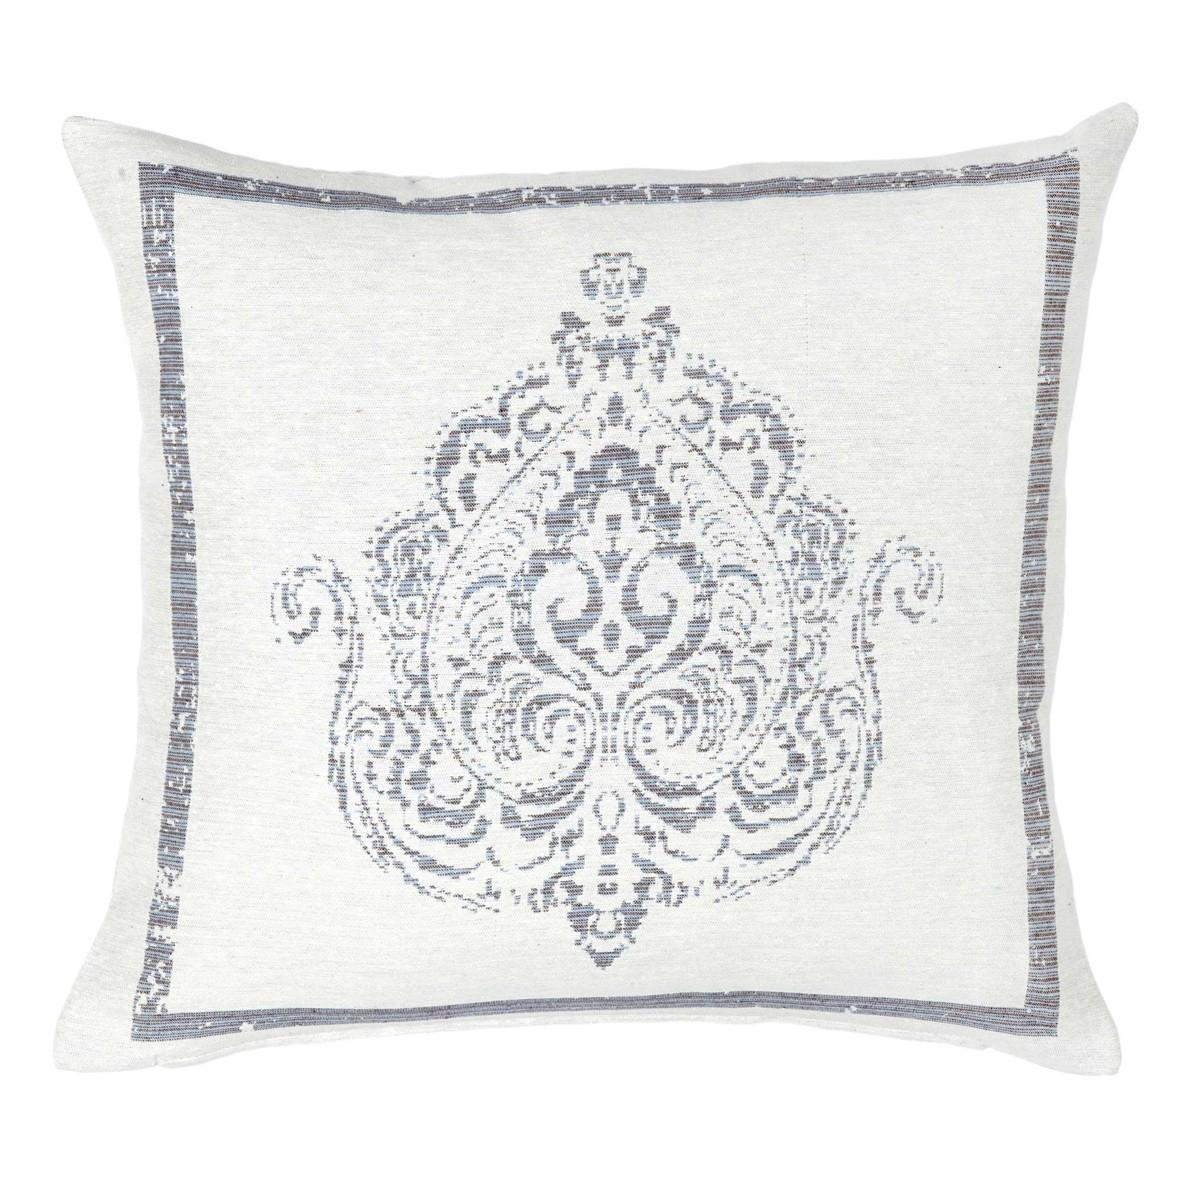 Διακοσμητική Μαξιλαροθήκη Nima Cushions Dammam Blue